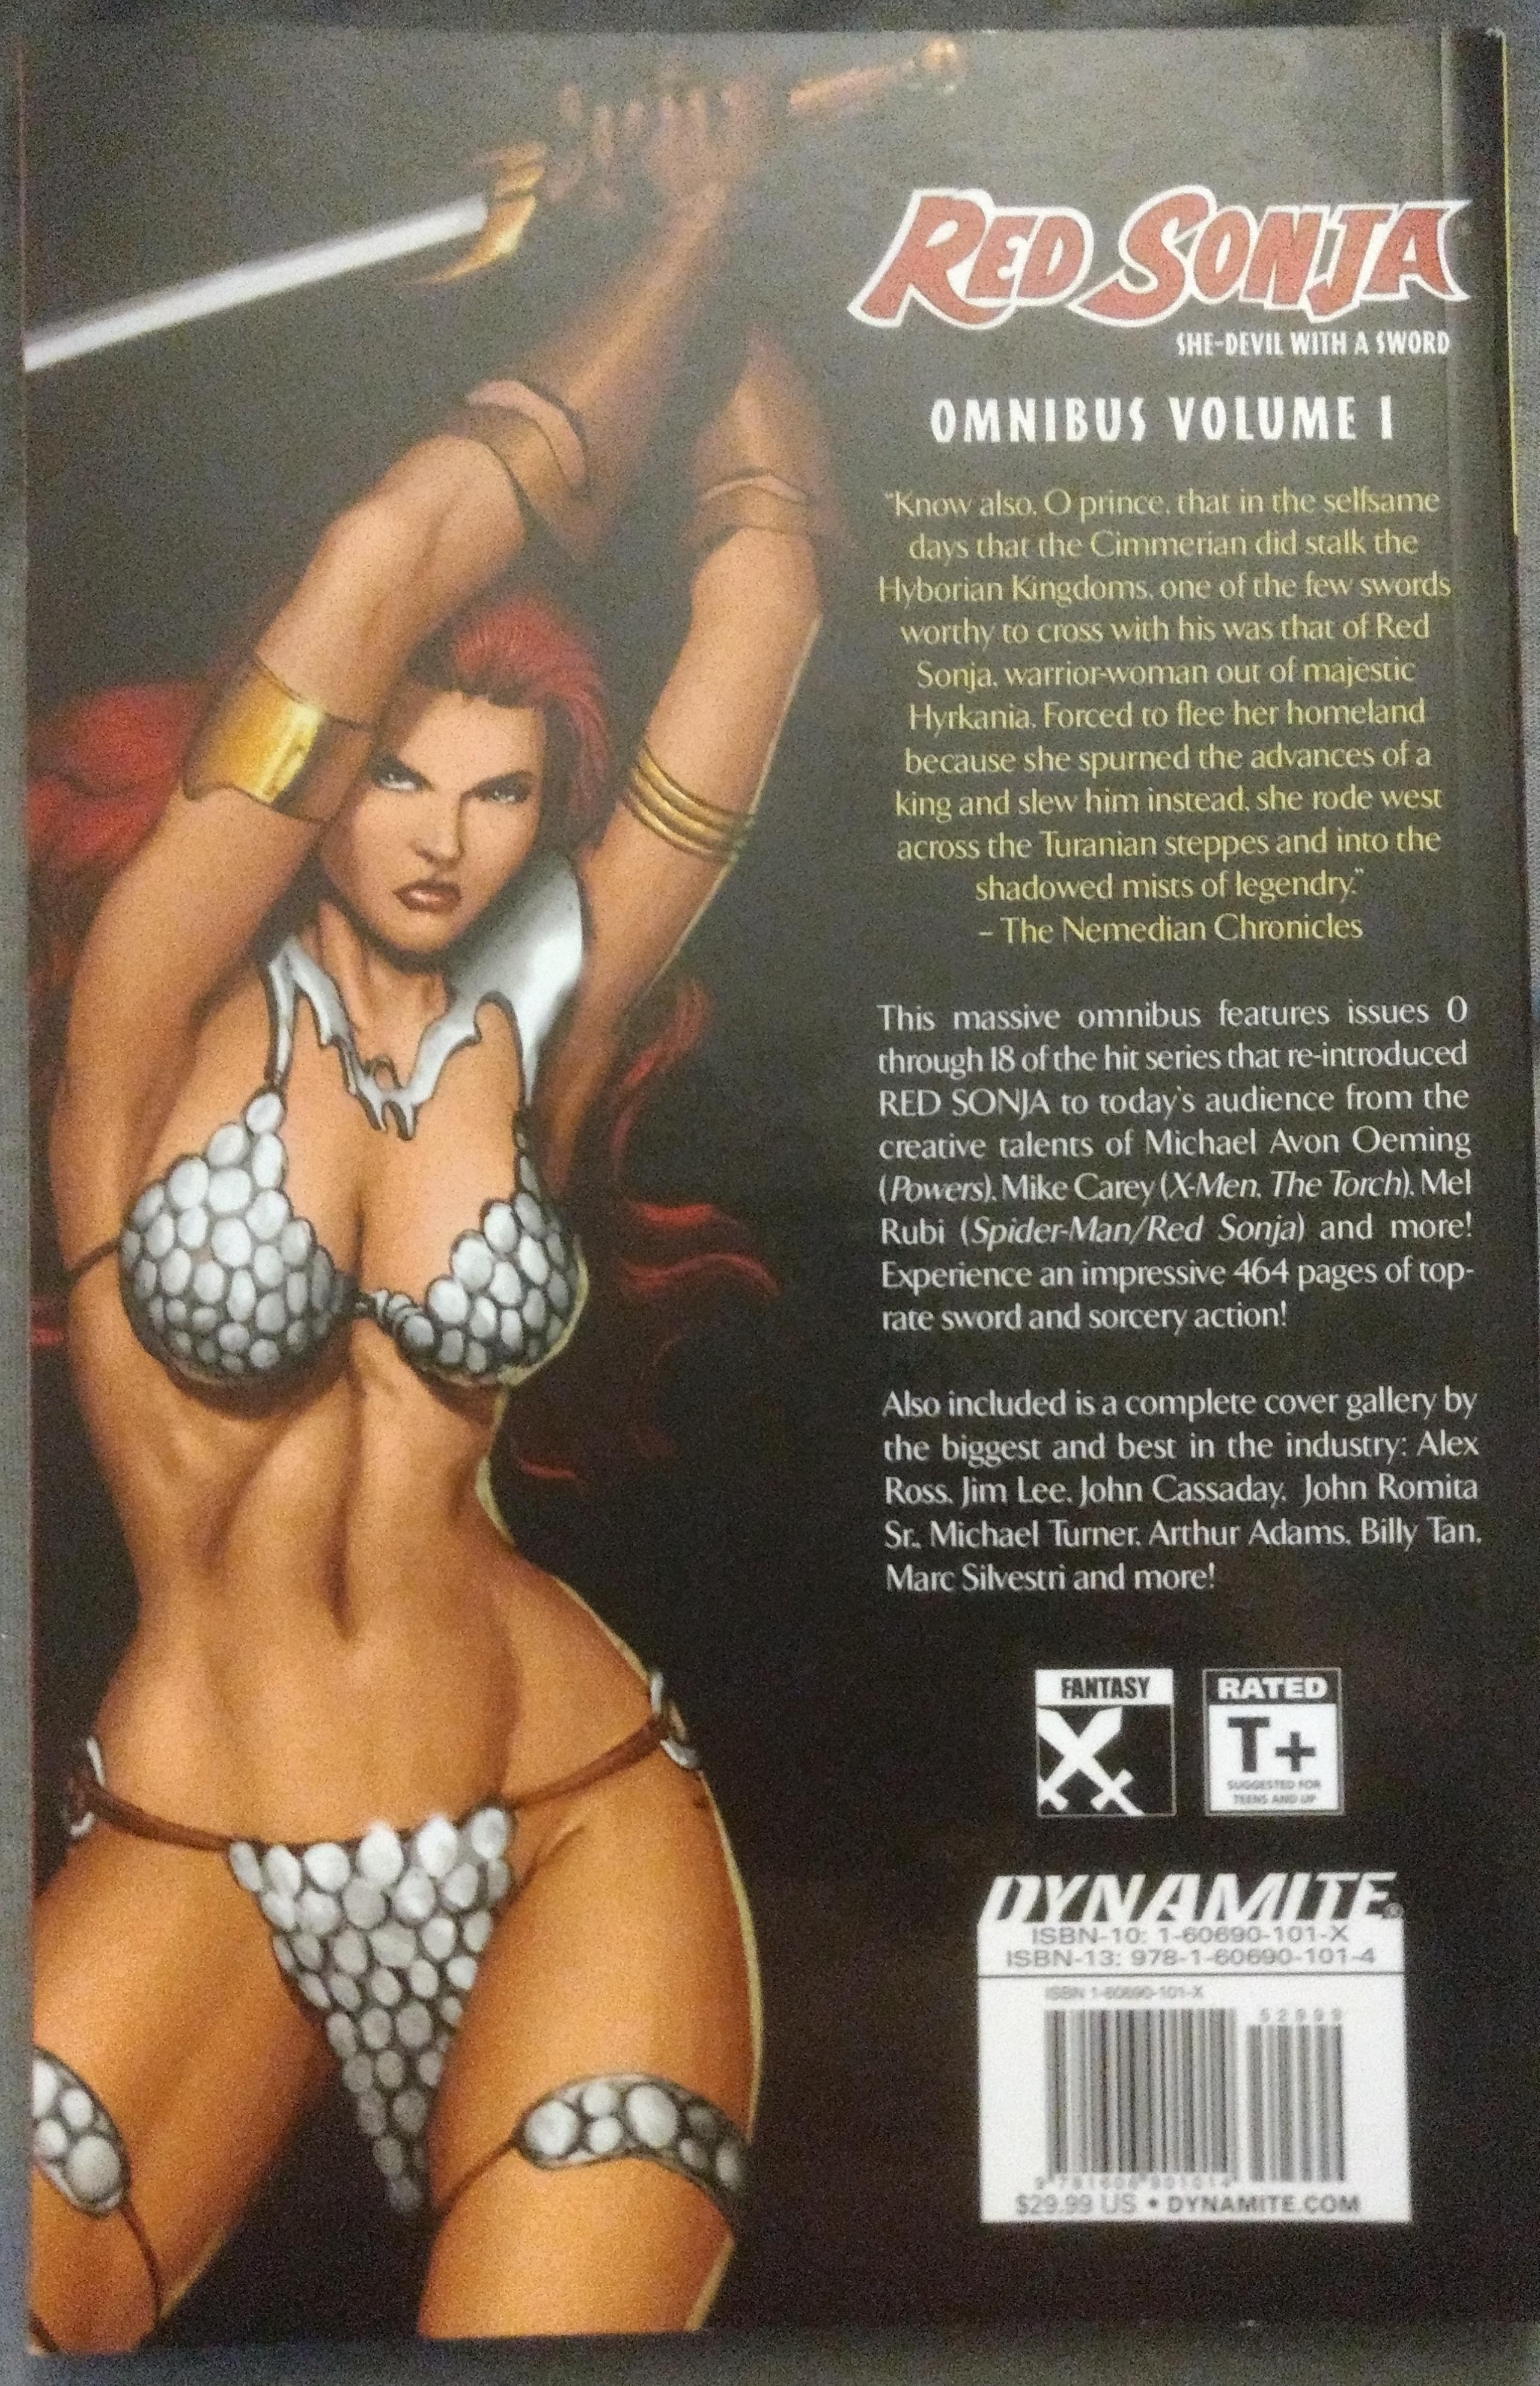 Red Sonja Omnibus Volume 1 Back Cover